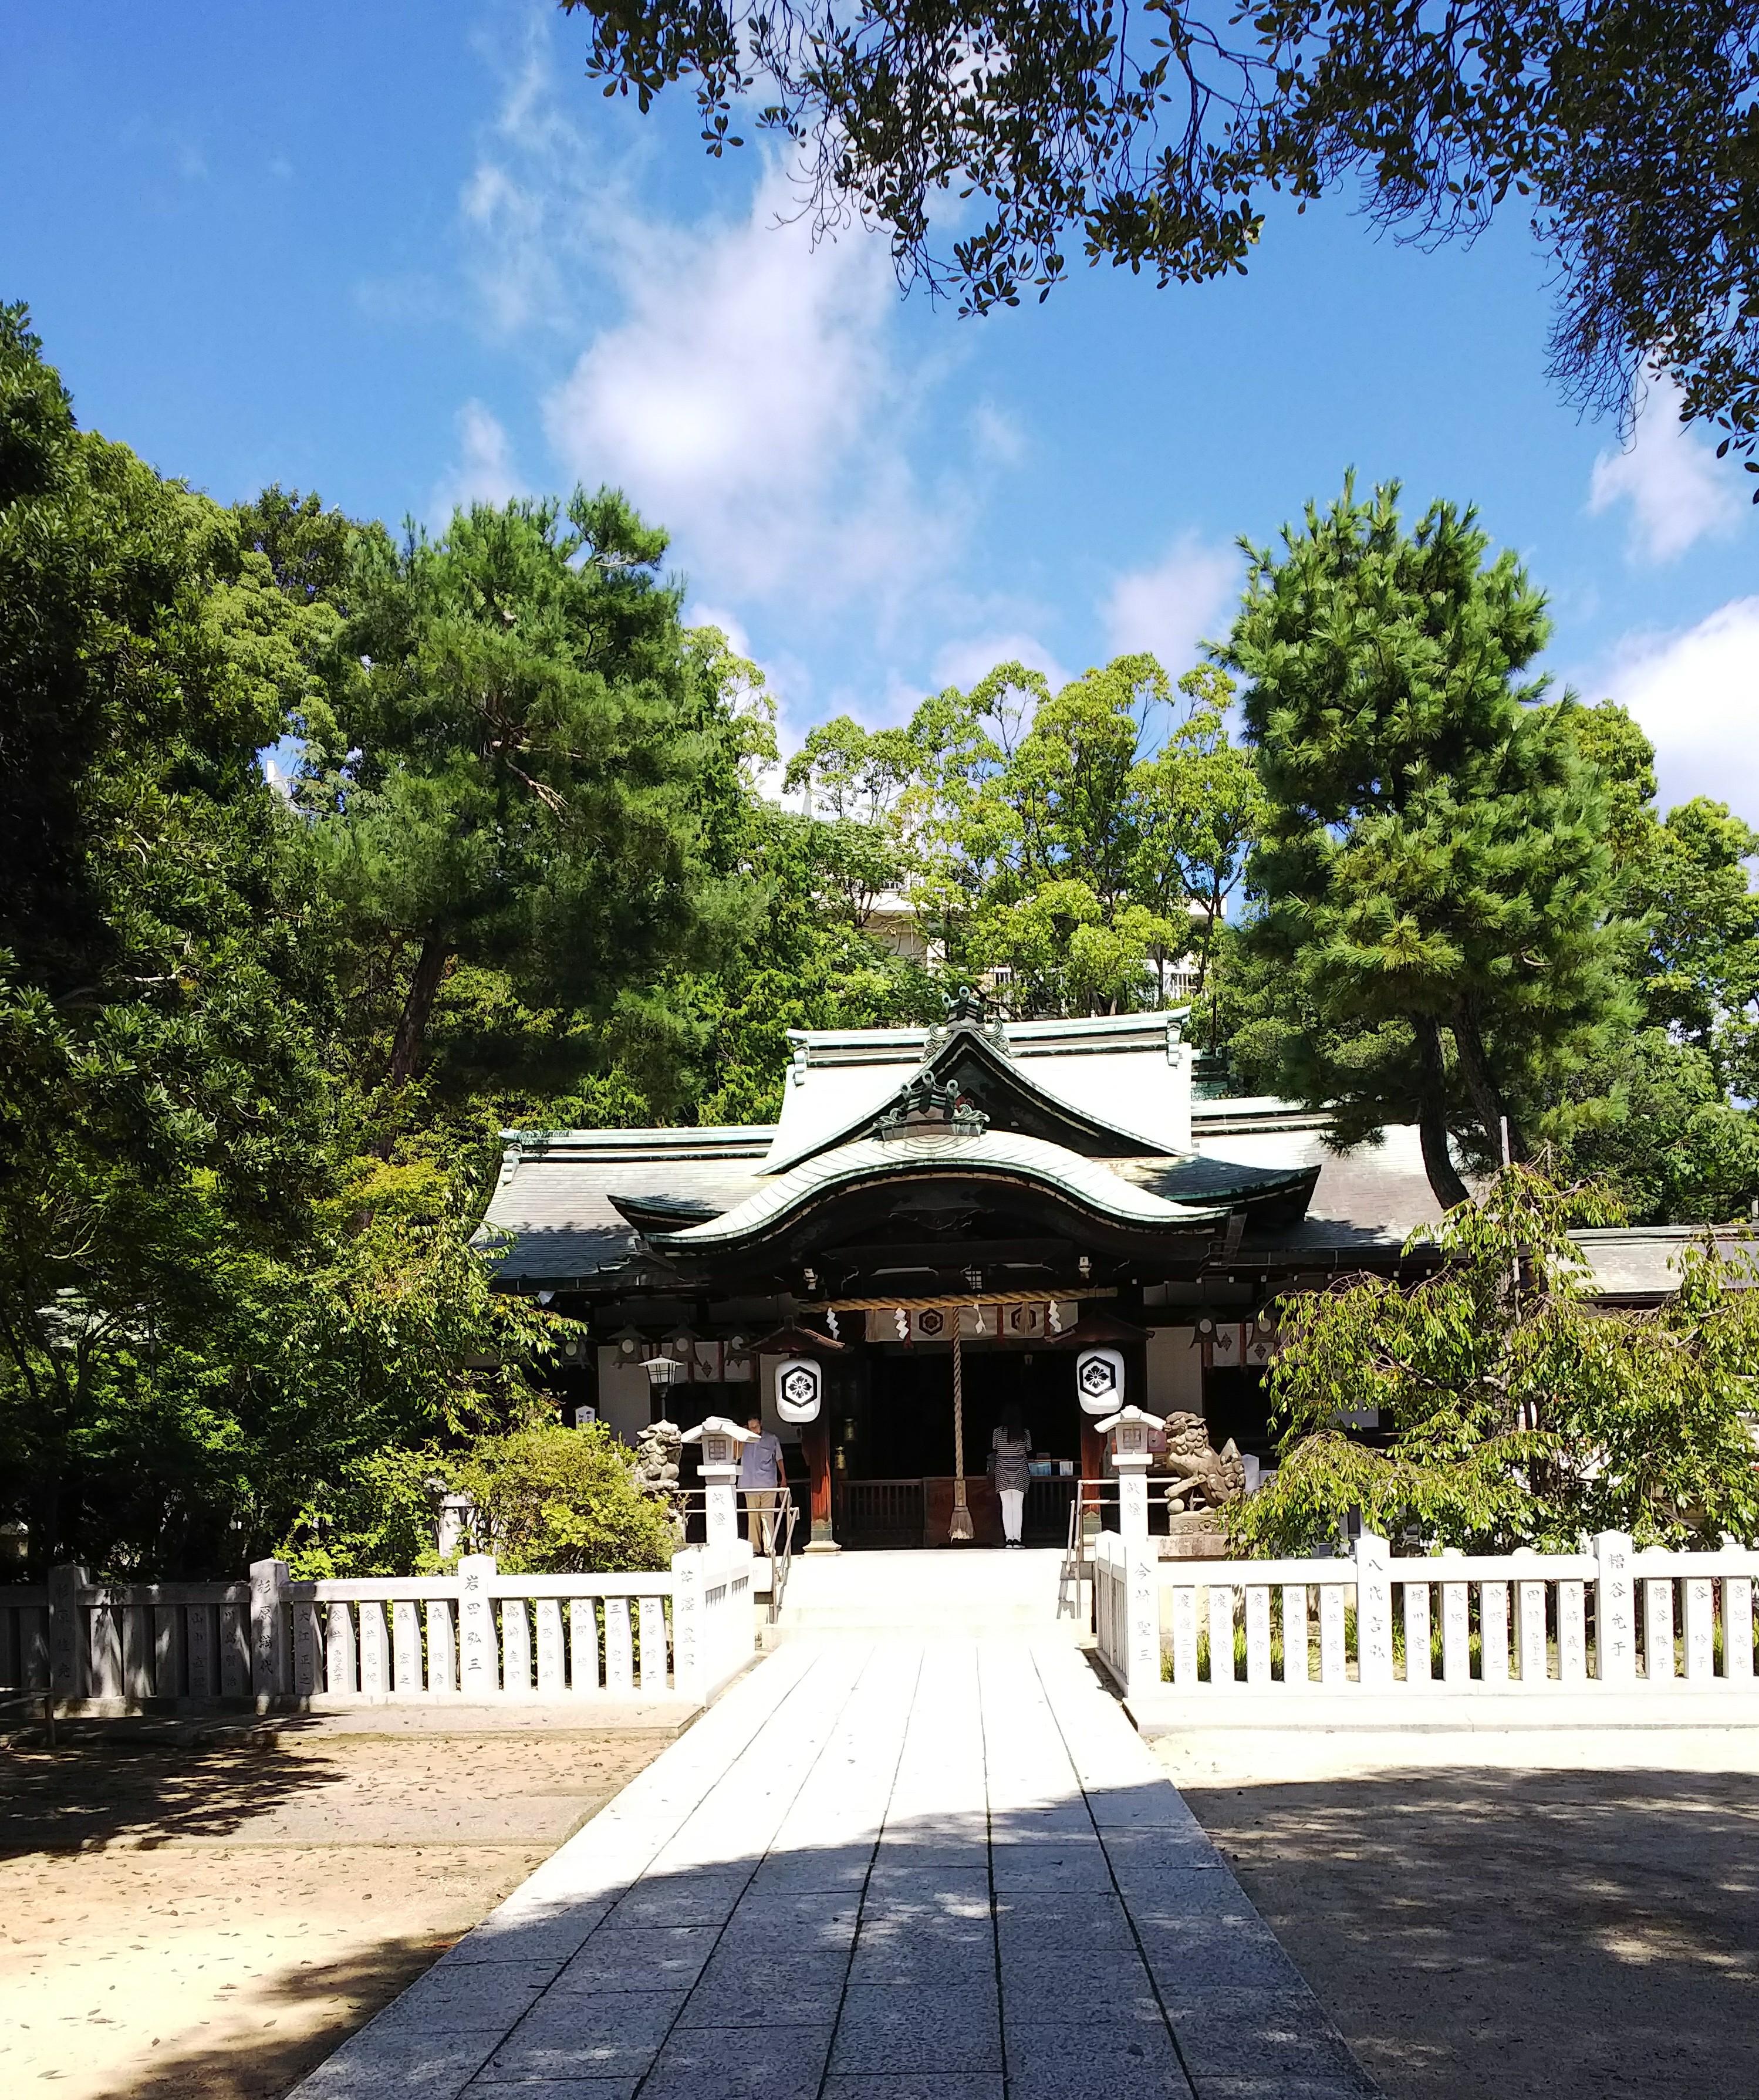 2020年 日本の正月風景  芦屋神社付近